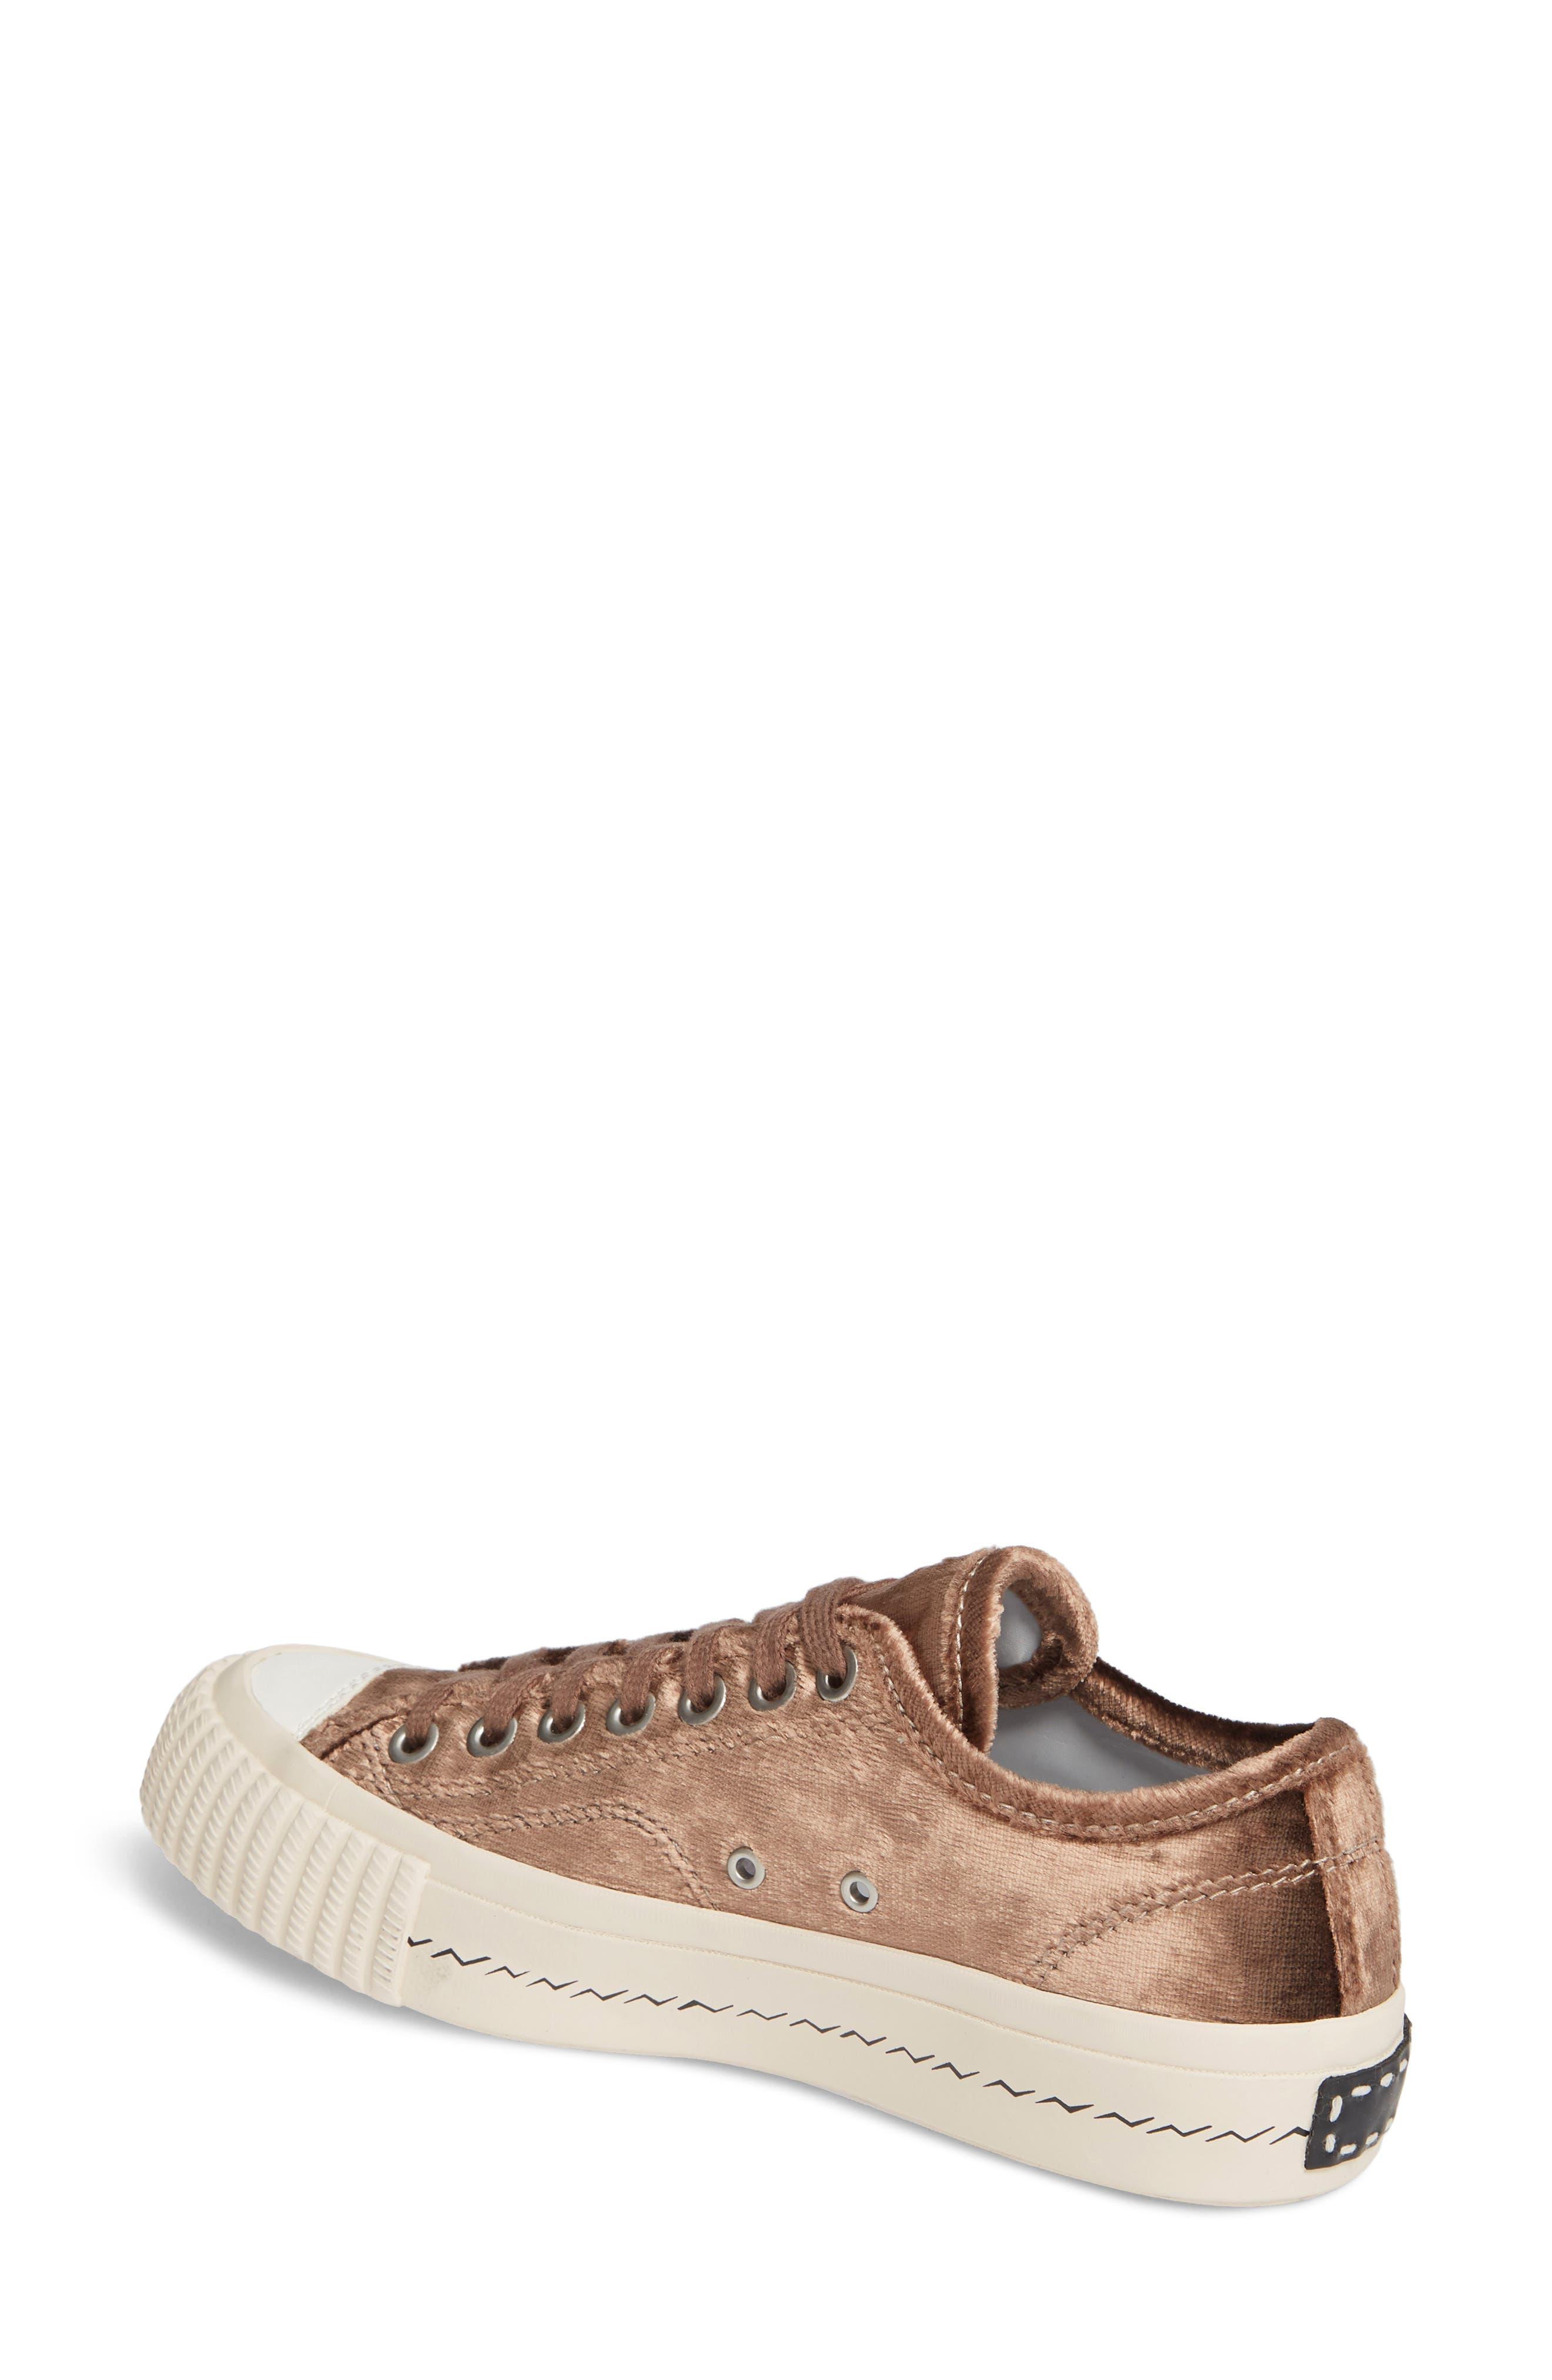 Skagway Lo Sneaker,                             Alternate thumbnail 2, color,                             BROWN